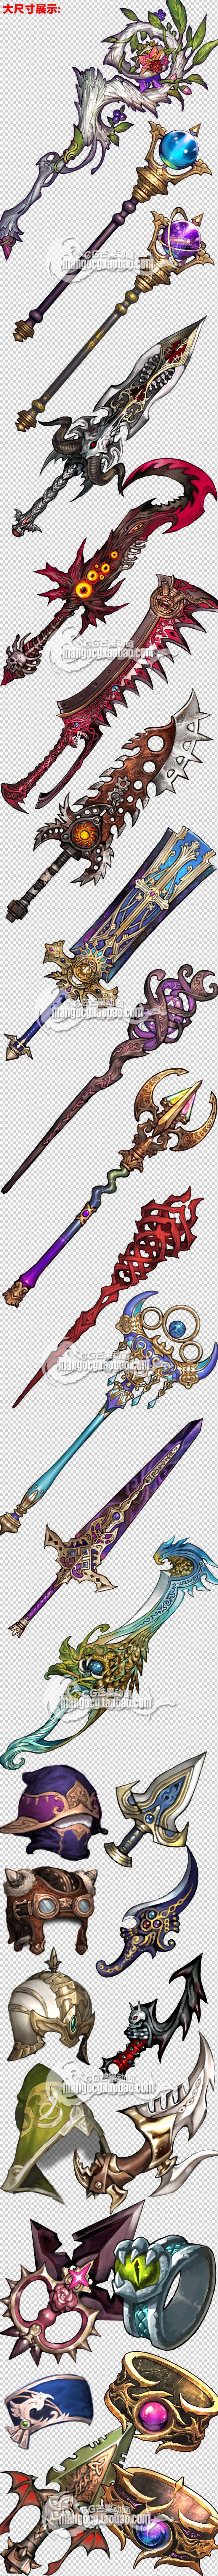 대륙의 무기 링 아이콘 모자 지팡이 기사 그린 아이콘 아트 게임 리소스를 장비 - Taobao의 글로벌 역